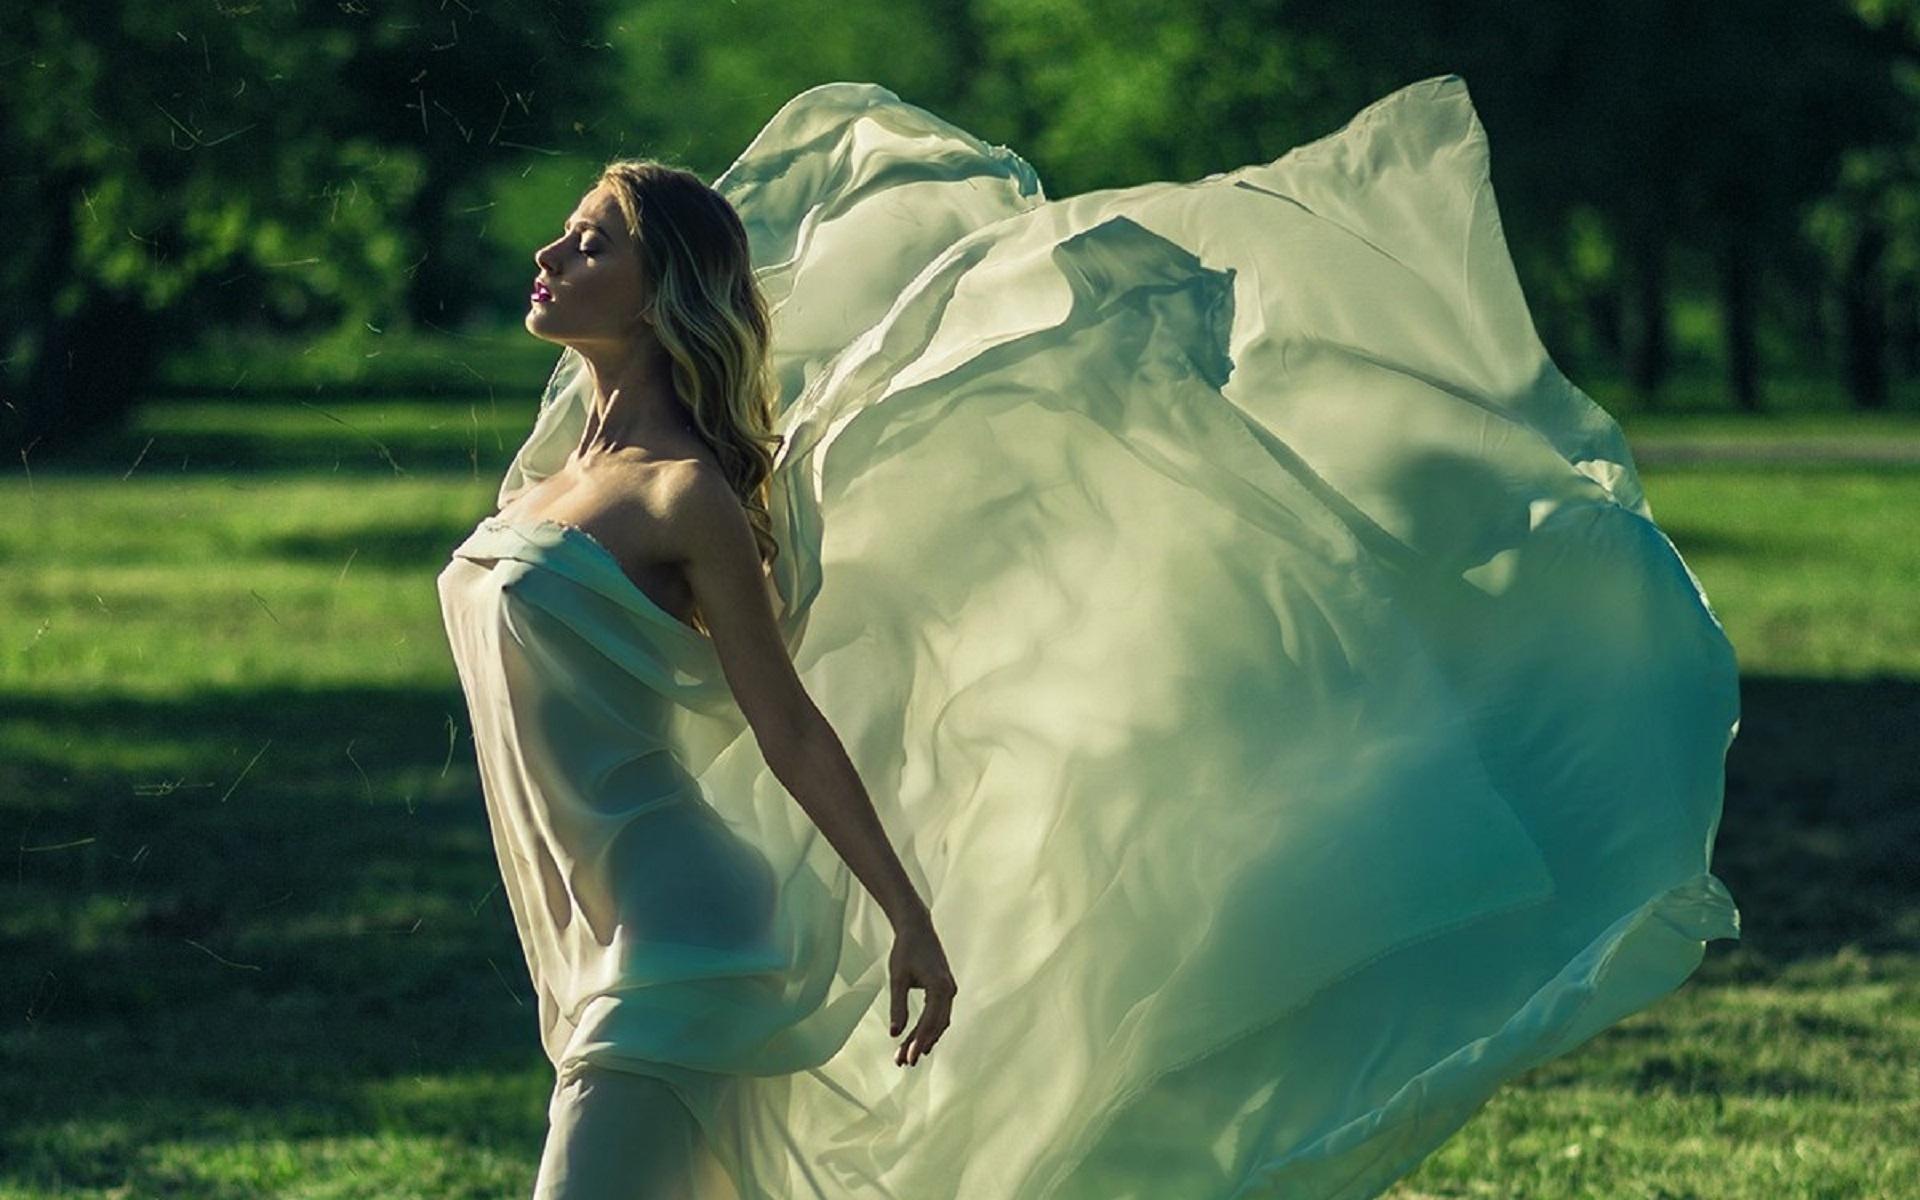 Девушки в платьях на ветру фото, порнуха бразильских девушек